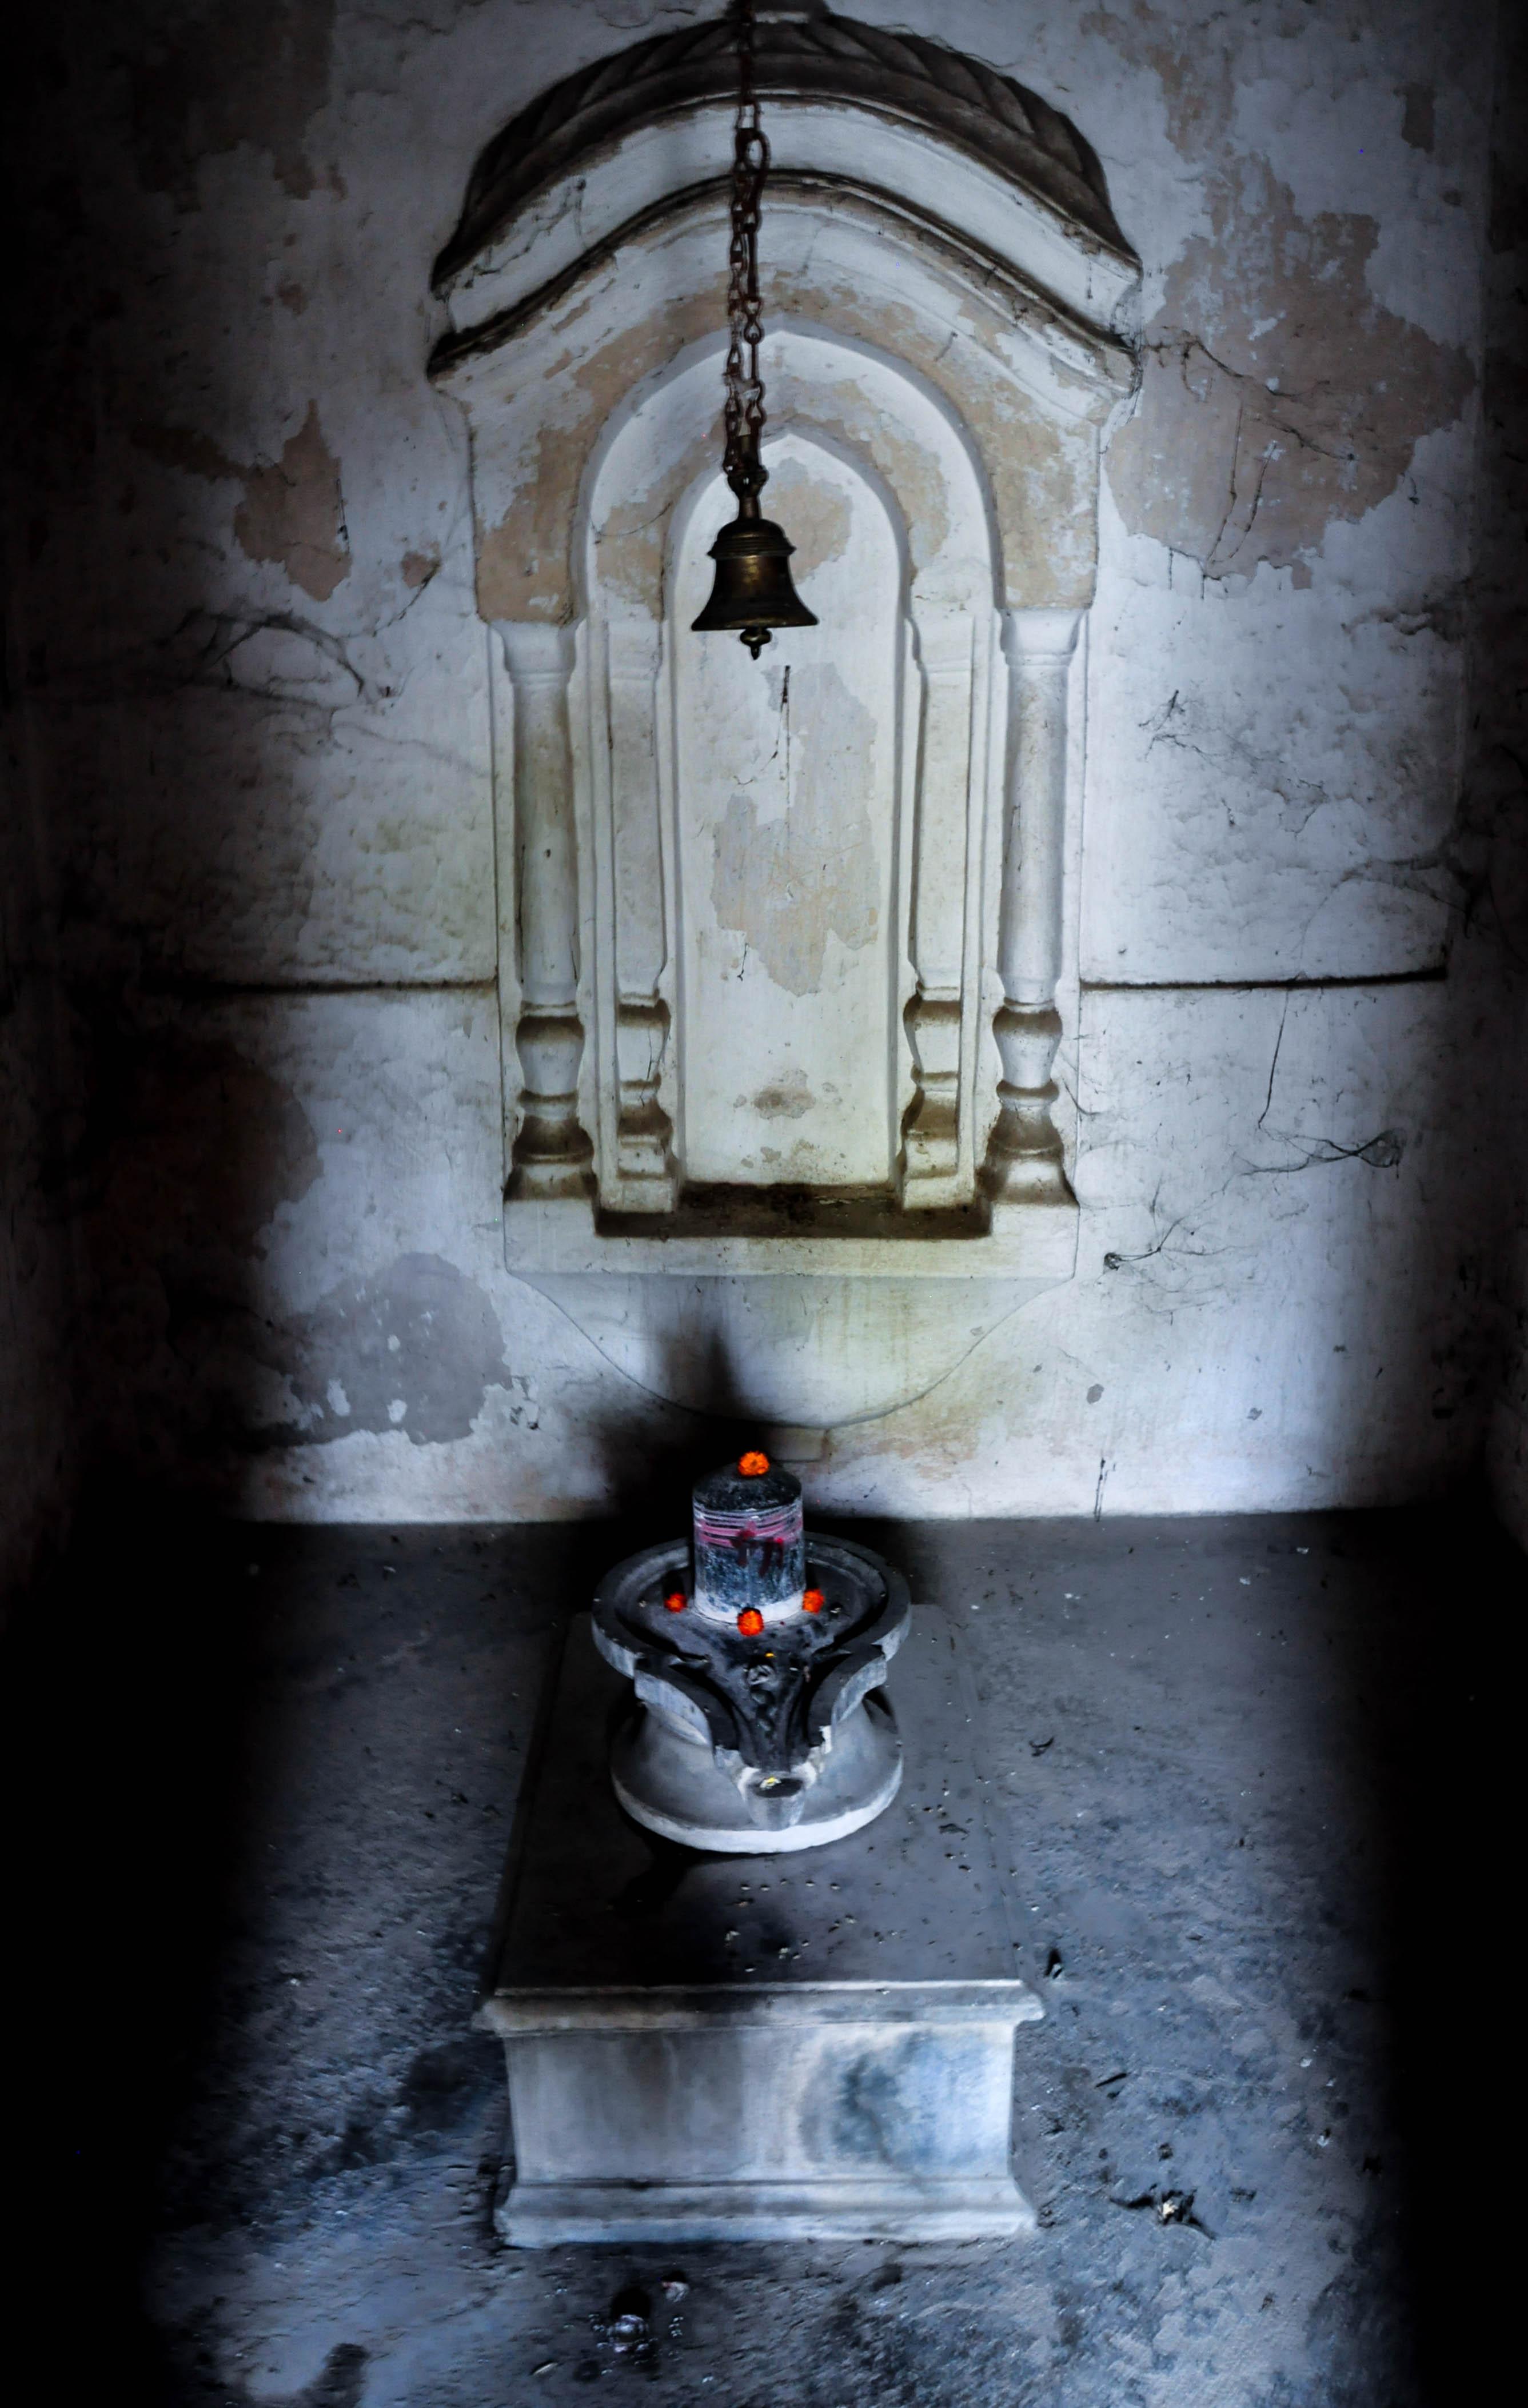 В храме Маа-Багга-Деви-Сарасвати, Бодхгая, Индия